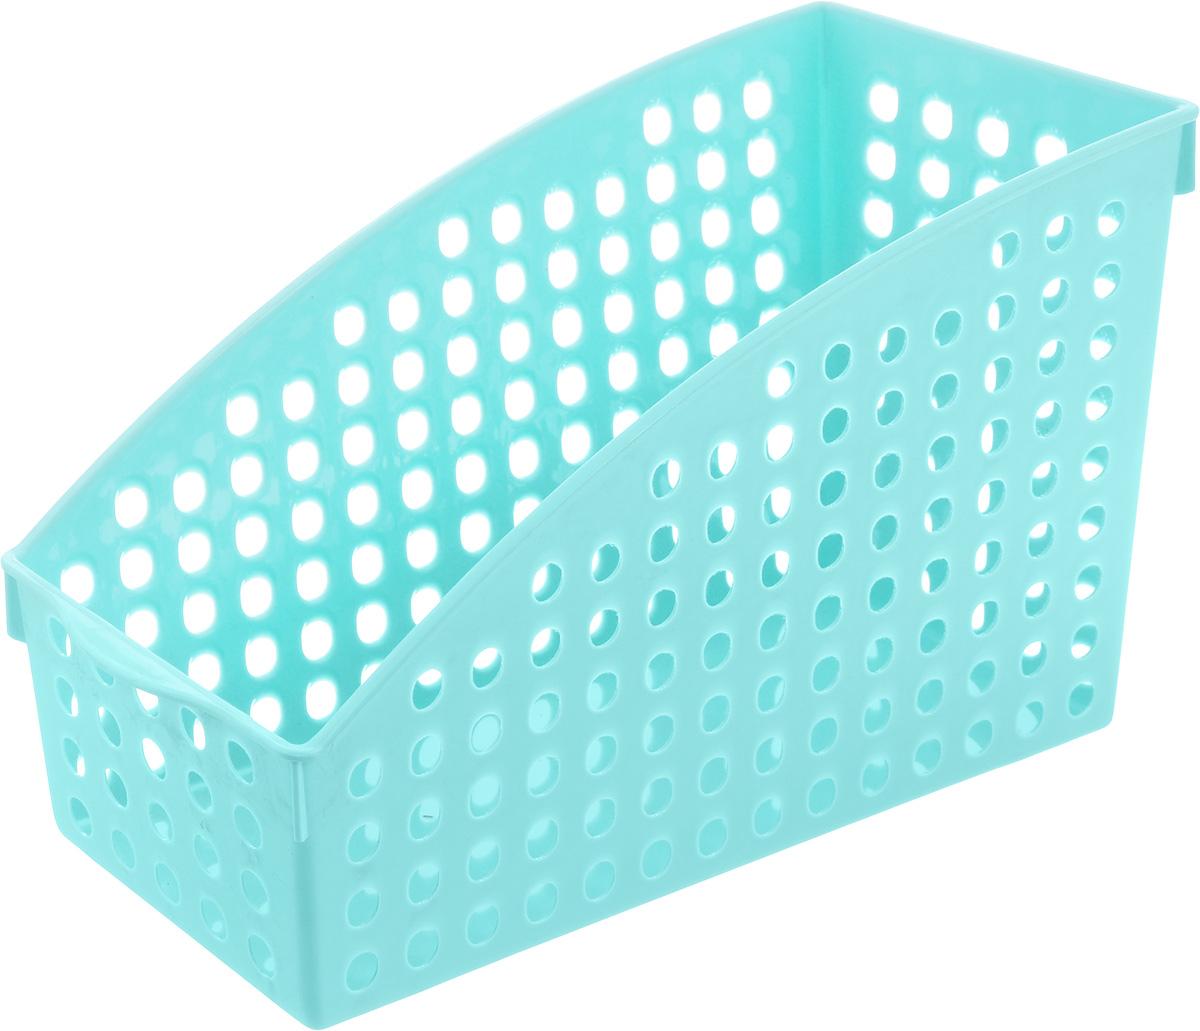 Корзина для мелочей Sima-land Трапеция, цвет: светло-голубой, 25 х 10,5 х 15,7 см799927_св. голубойКорзина для мелочей Sima-land Трапеция, изготовленная из высококачественного пластика, предназначена для хранения мелочей в ванной, на кухне, даче или офисе. Эта легкая корзина со сплошным дном и перфорированными стенками позволяет хранить мелкие вещи, исключая возможность их потери.